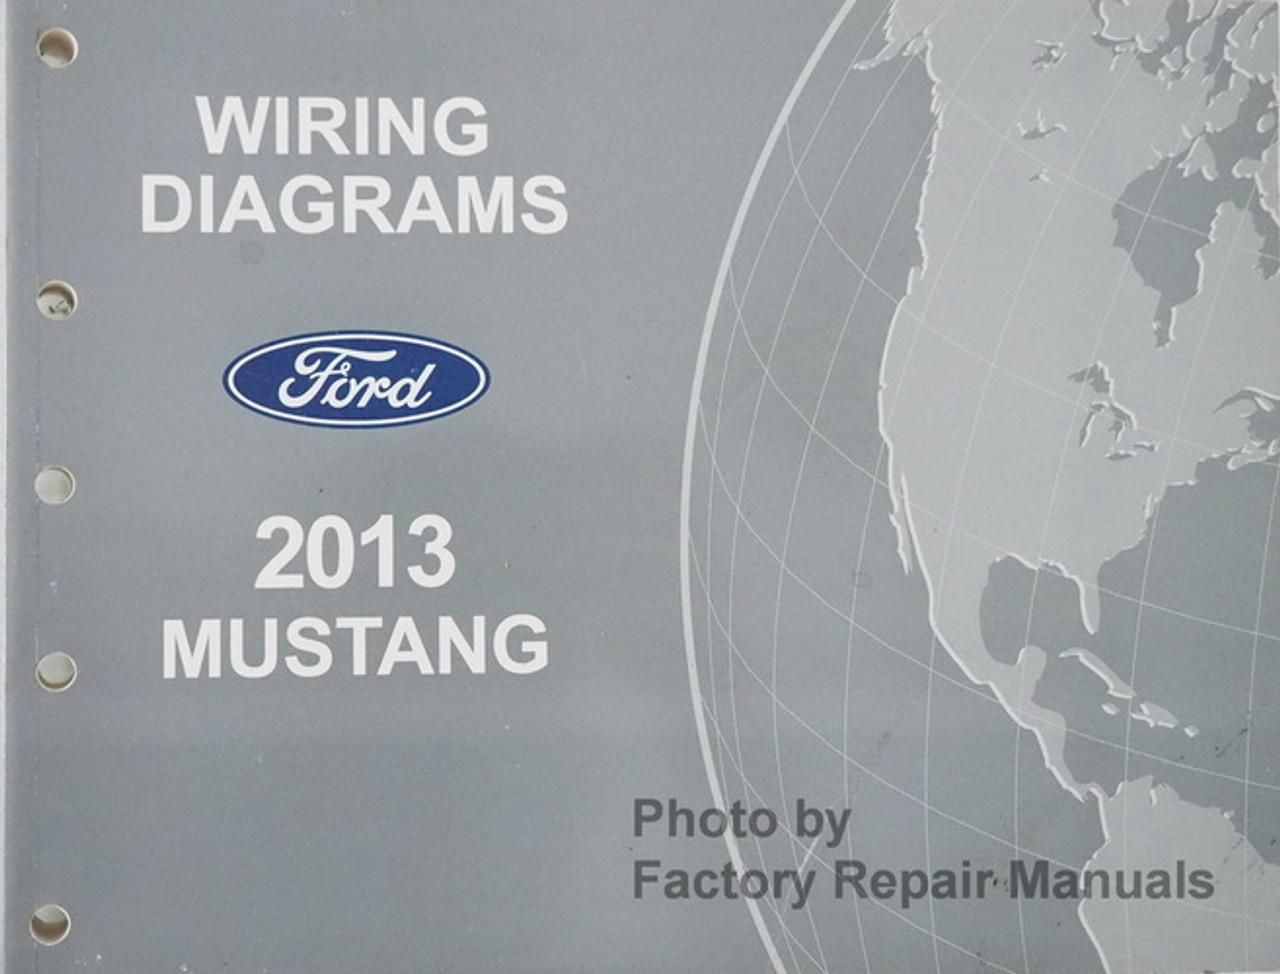 2013 Ford Mustang Electrical Wiring Diagrams Manual Original Factory Repair Manuals